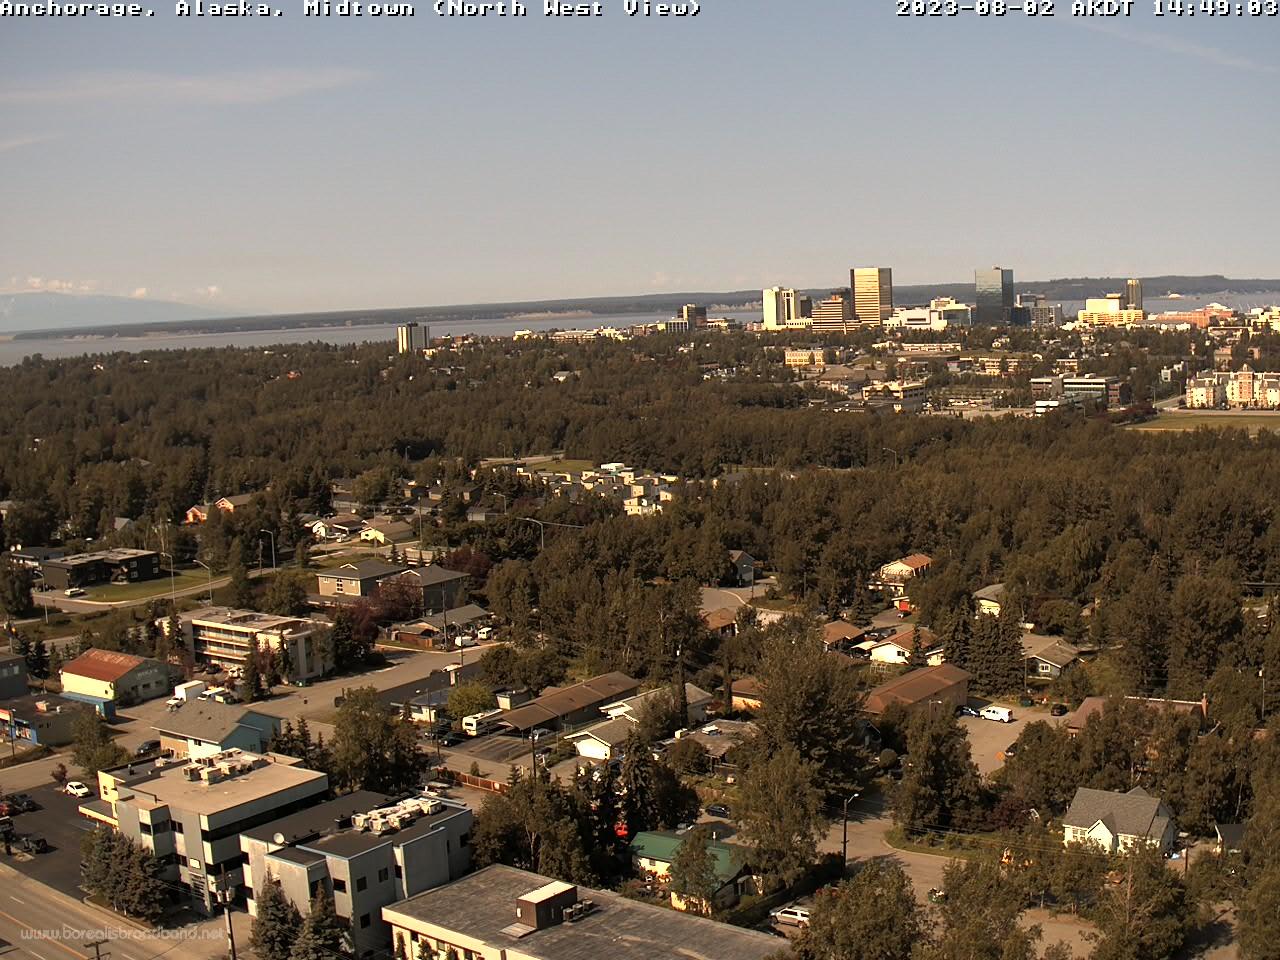 Anchorage, Alaska Fri. 14:49